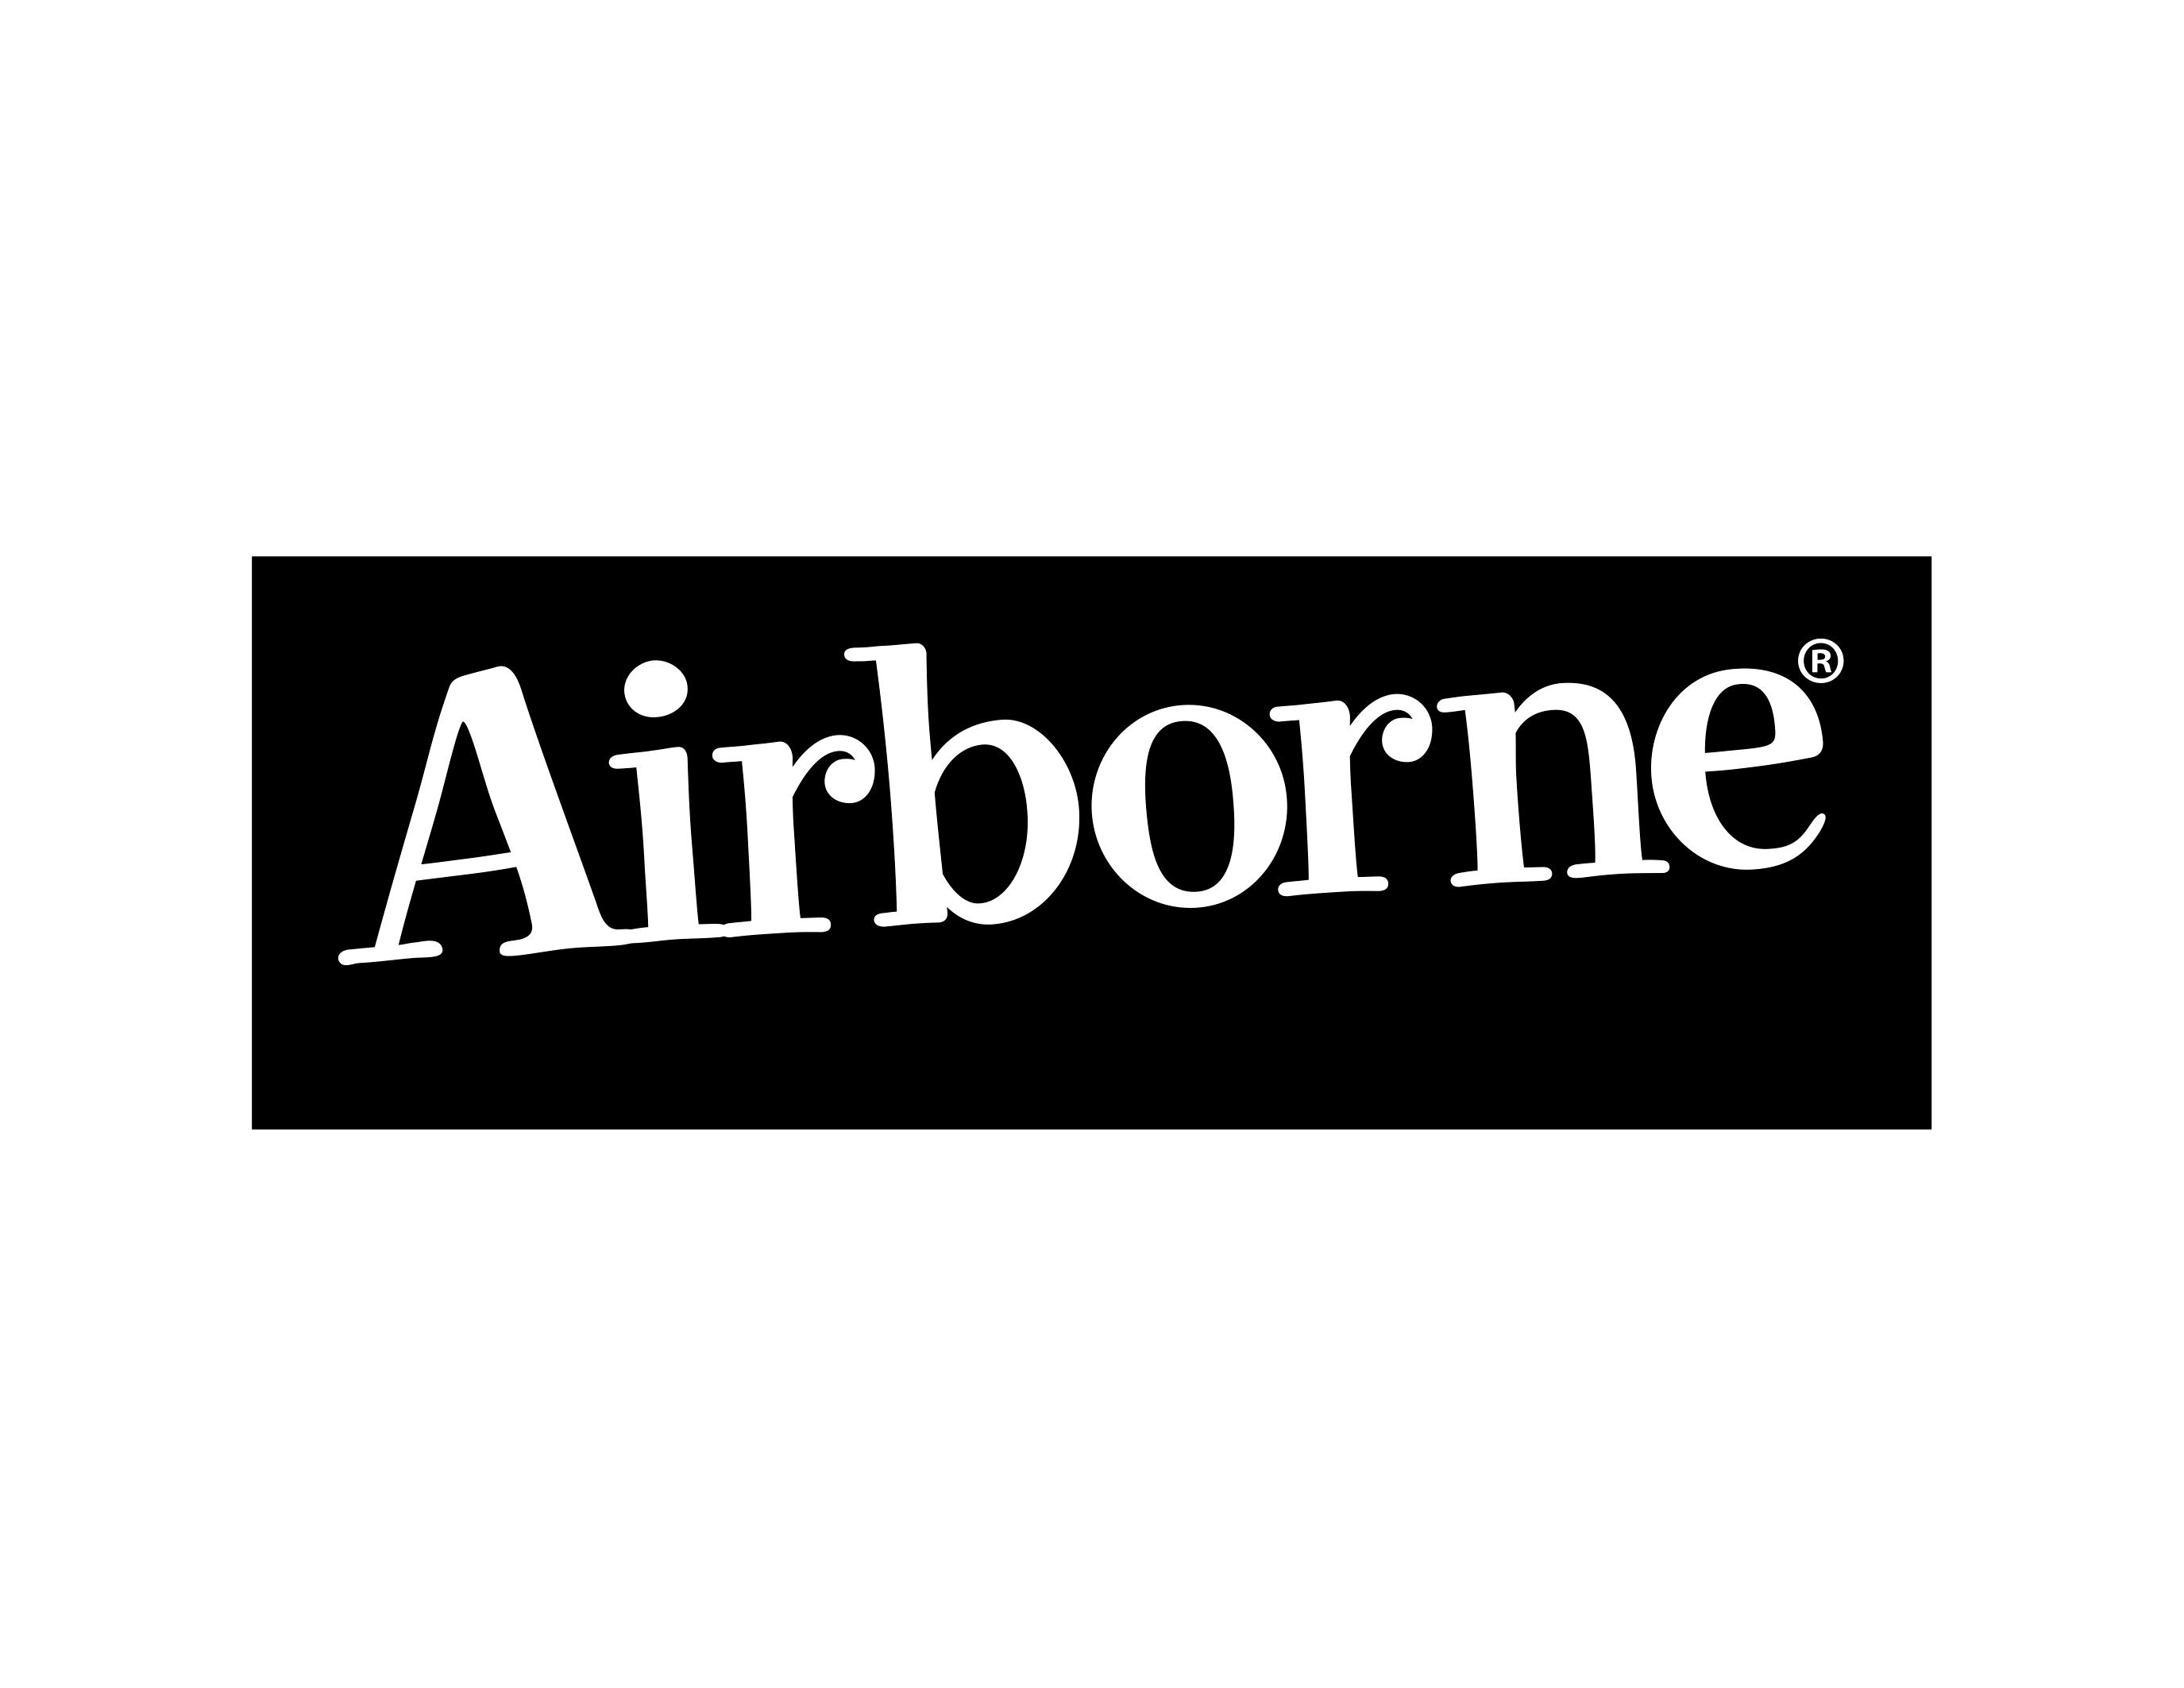 Airborne, Inc.